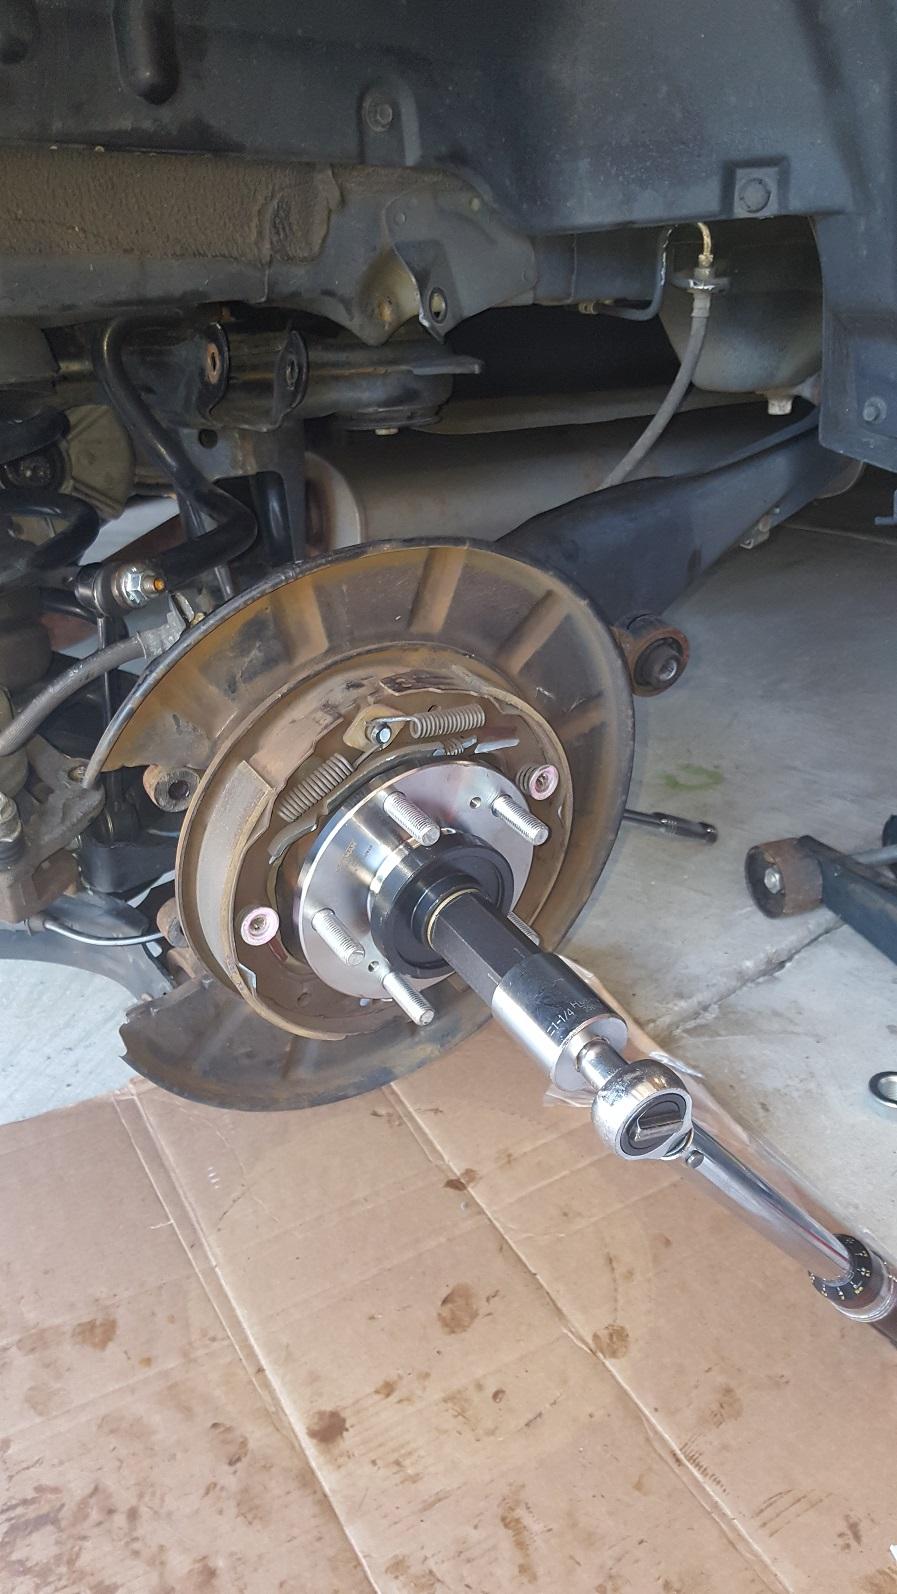 Service Manual 2012 Honda Pilot Replace Rear Wheel